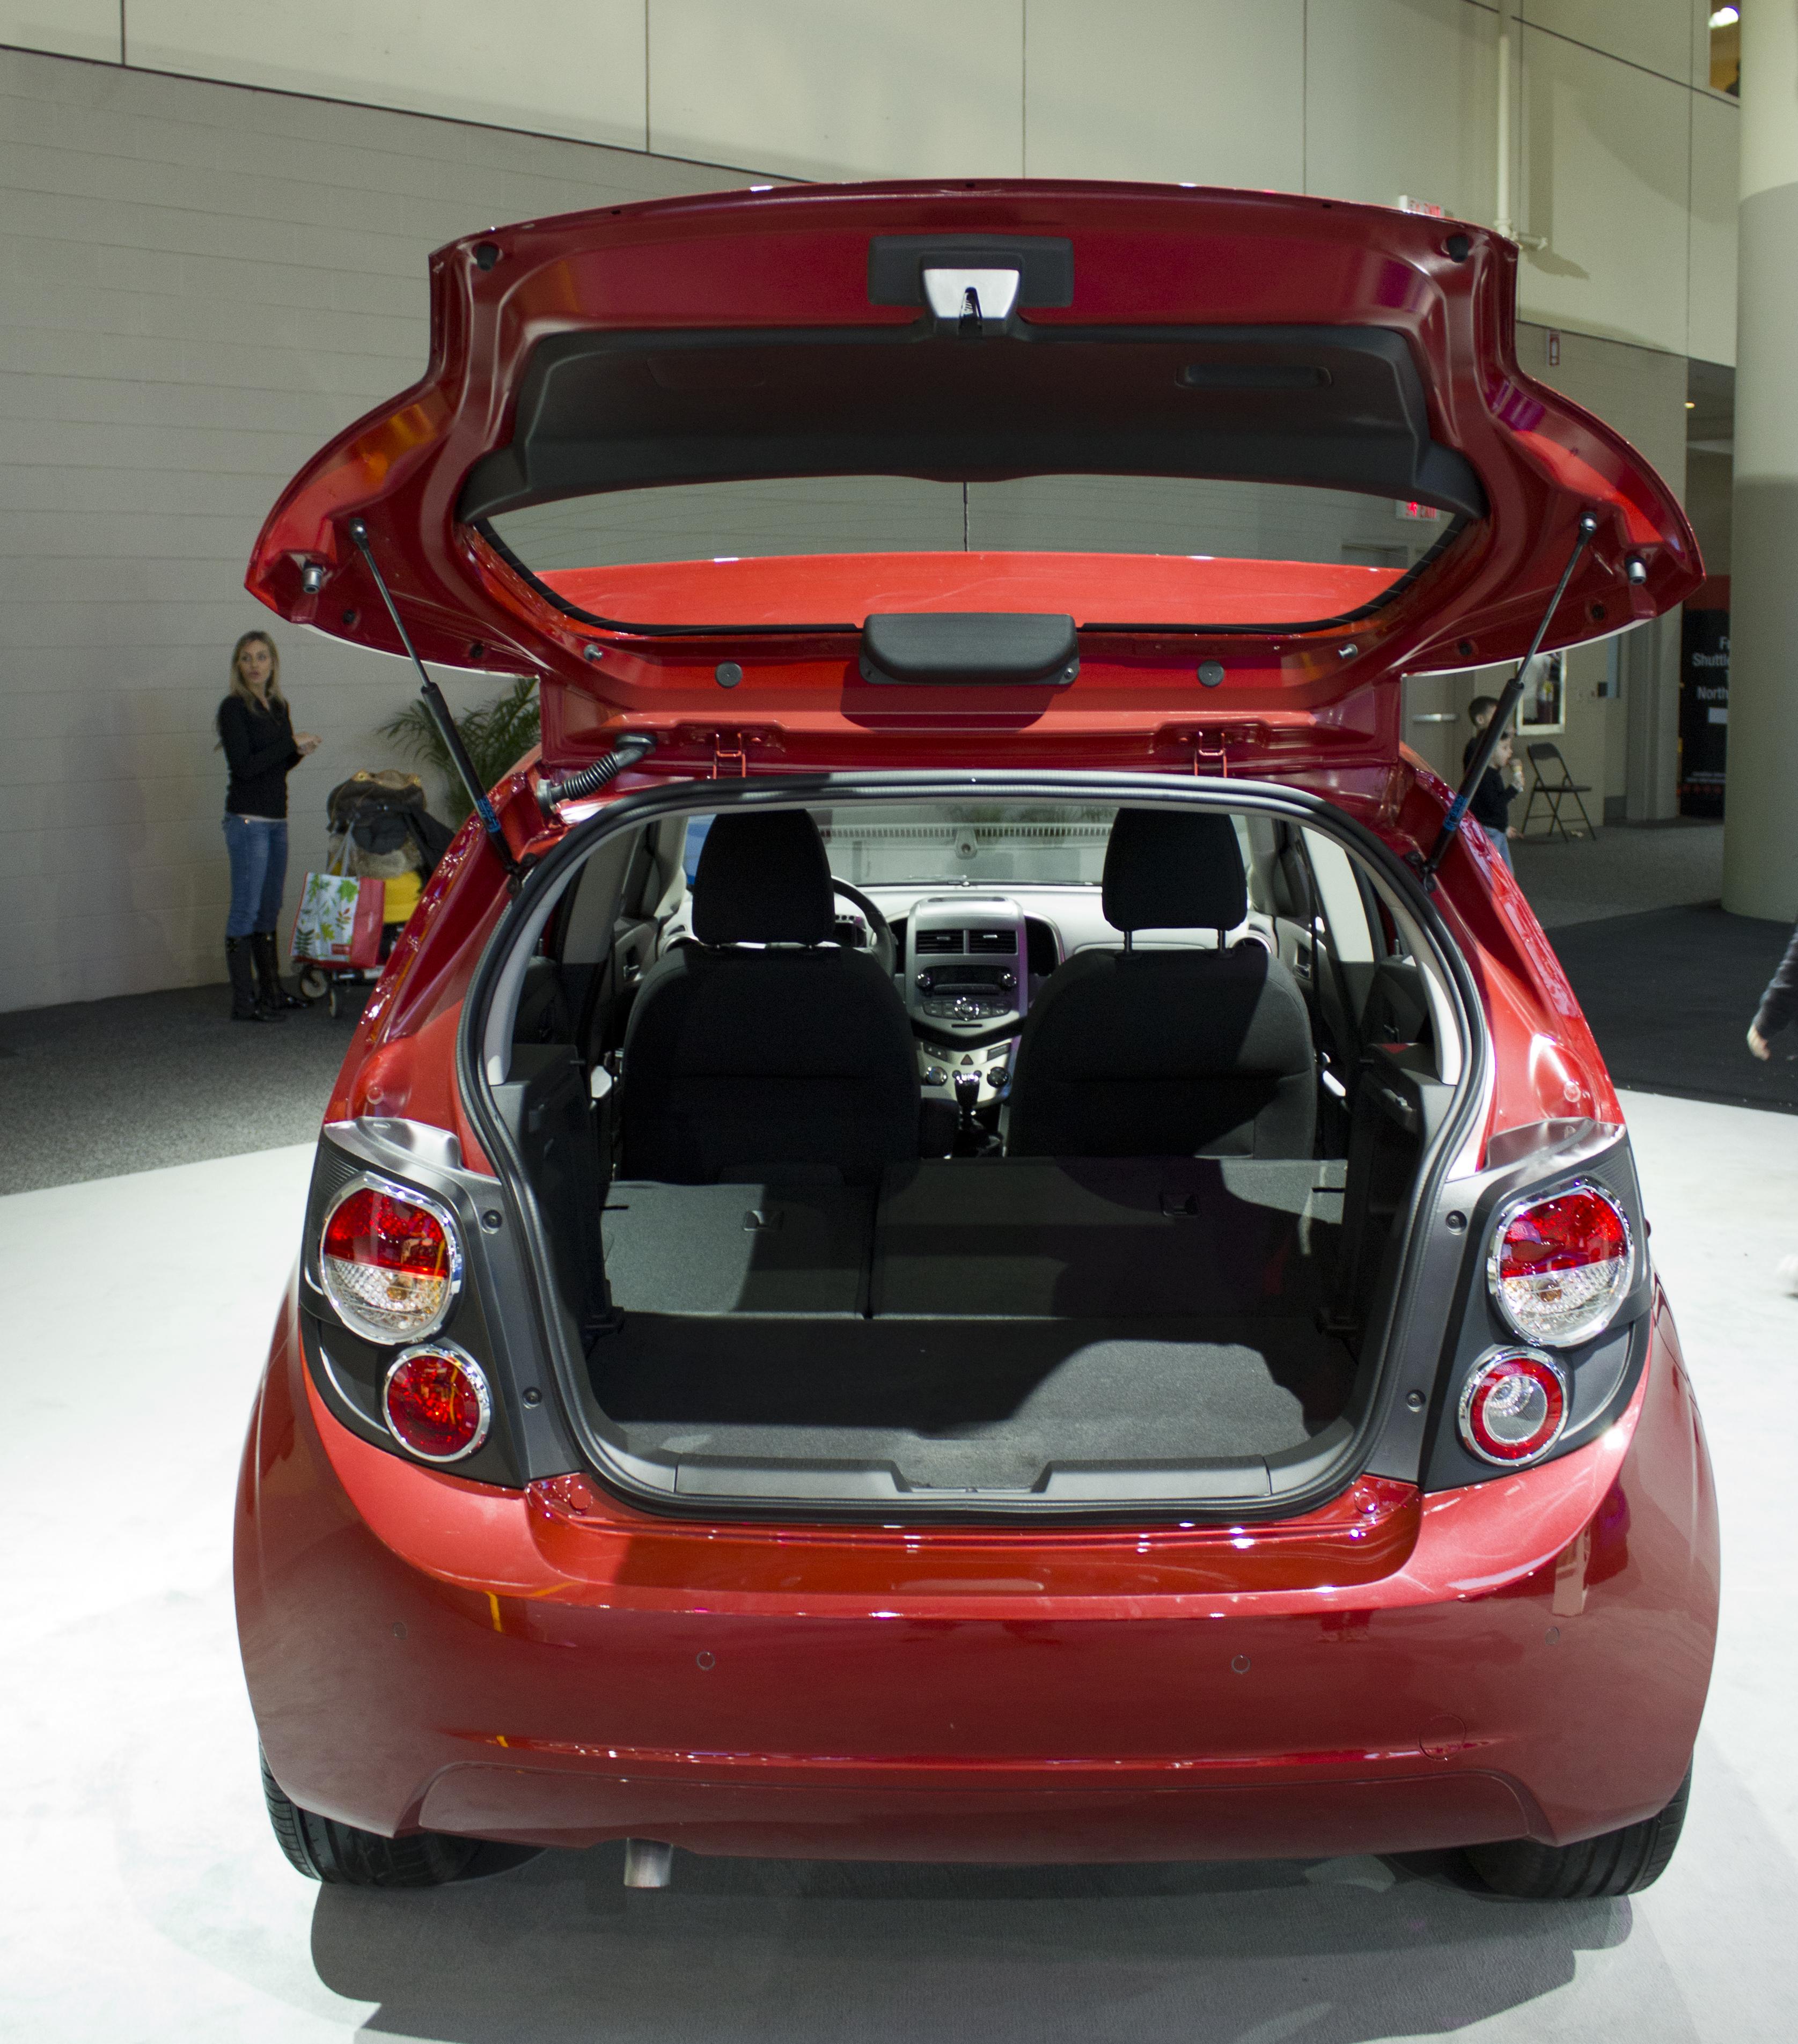 File:Chevrolet Sonic trunk.jpg